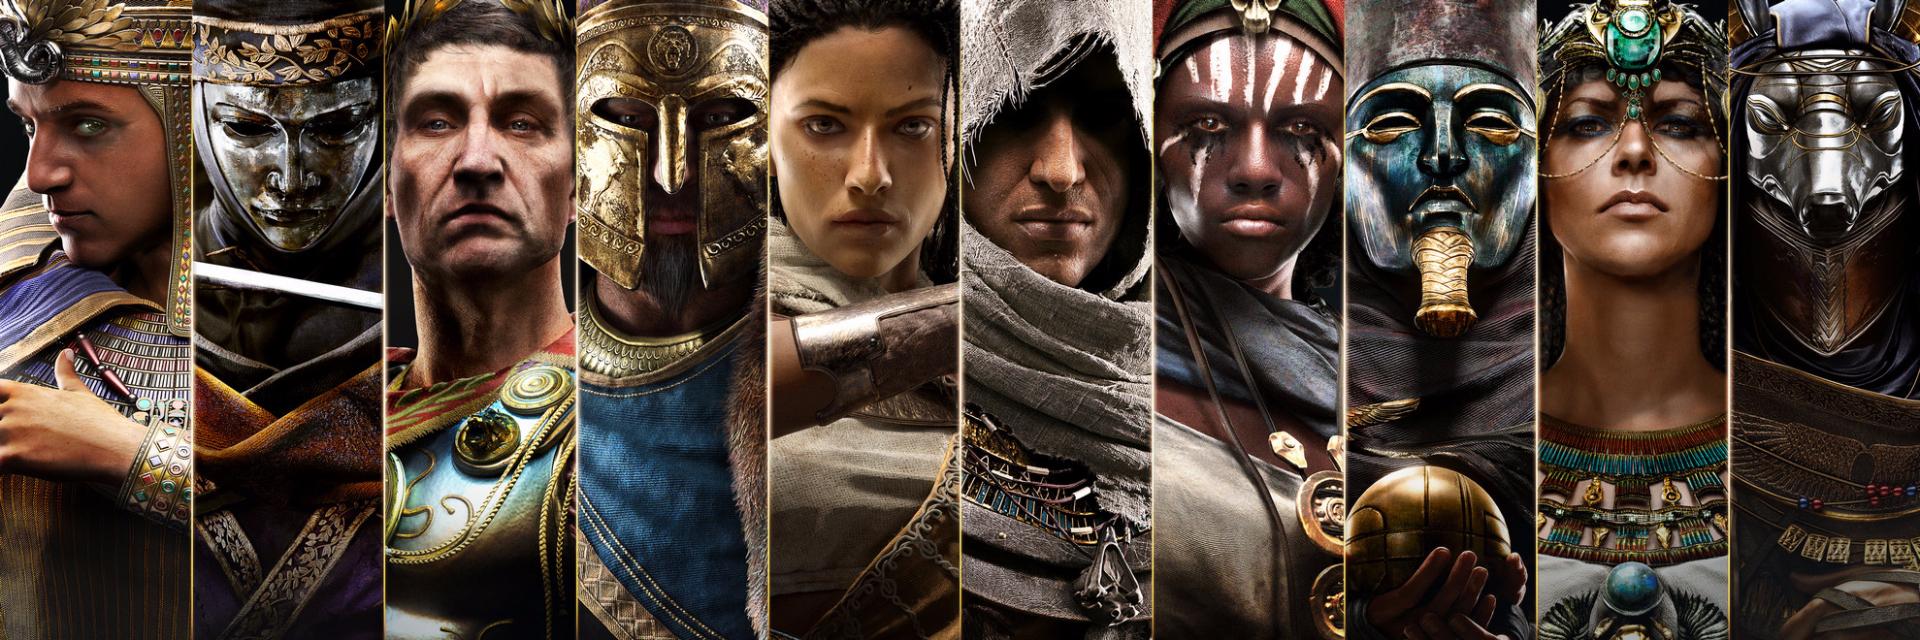 如何扮演一名「史詩級刺客」?《刺客教條:起源》逼真重現神秘古埃及壯闊歷史!